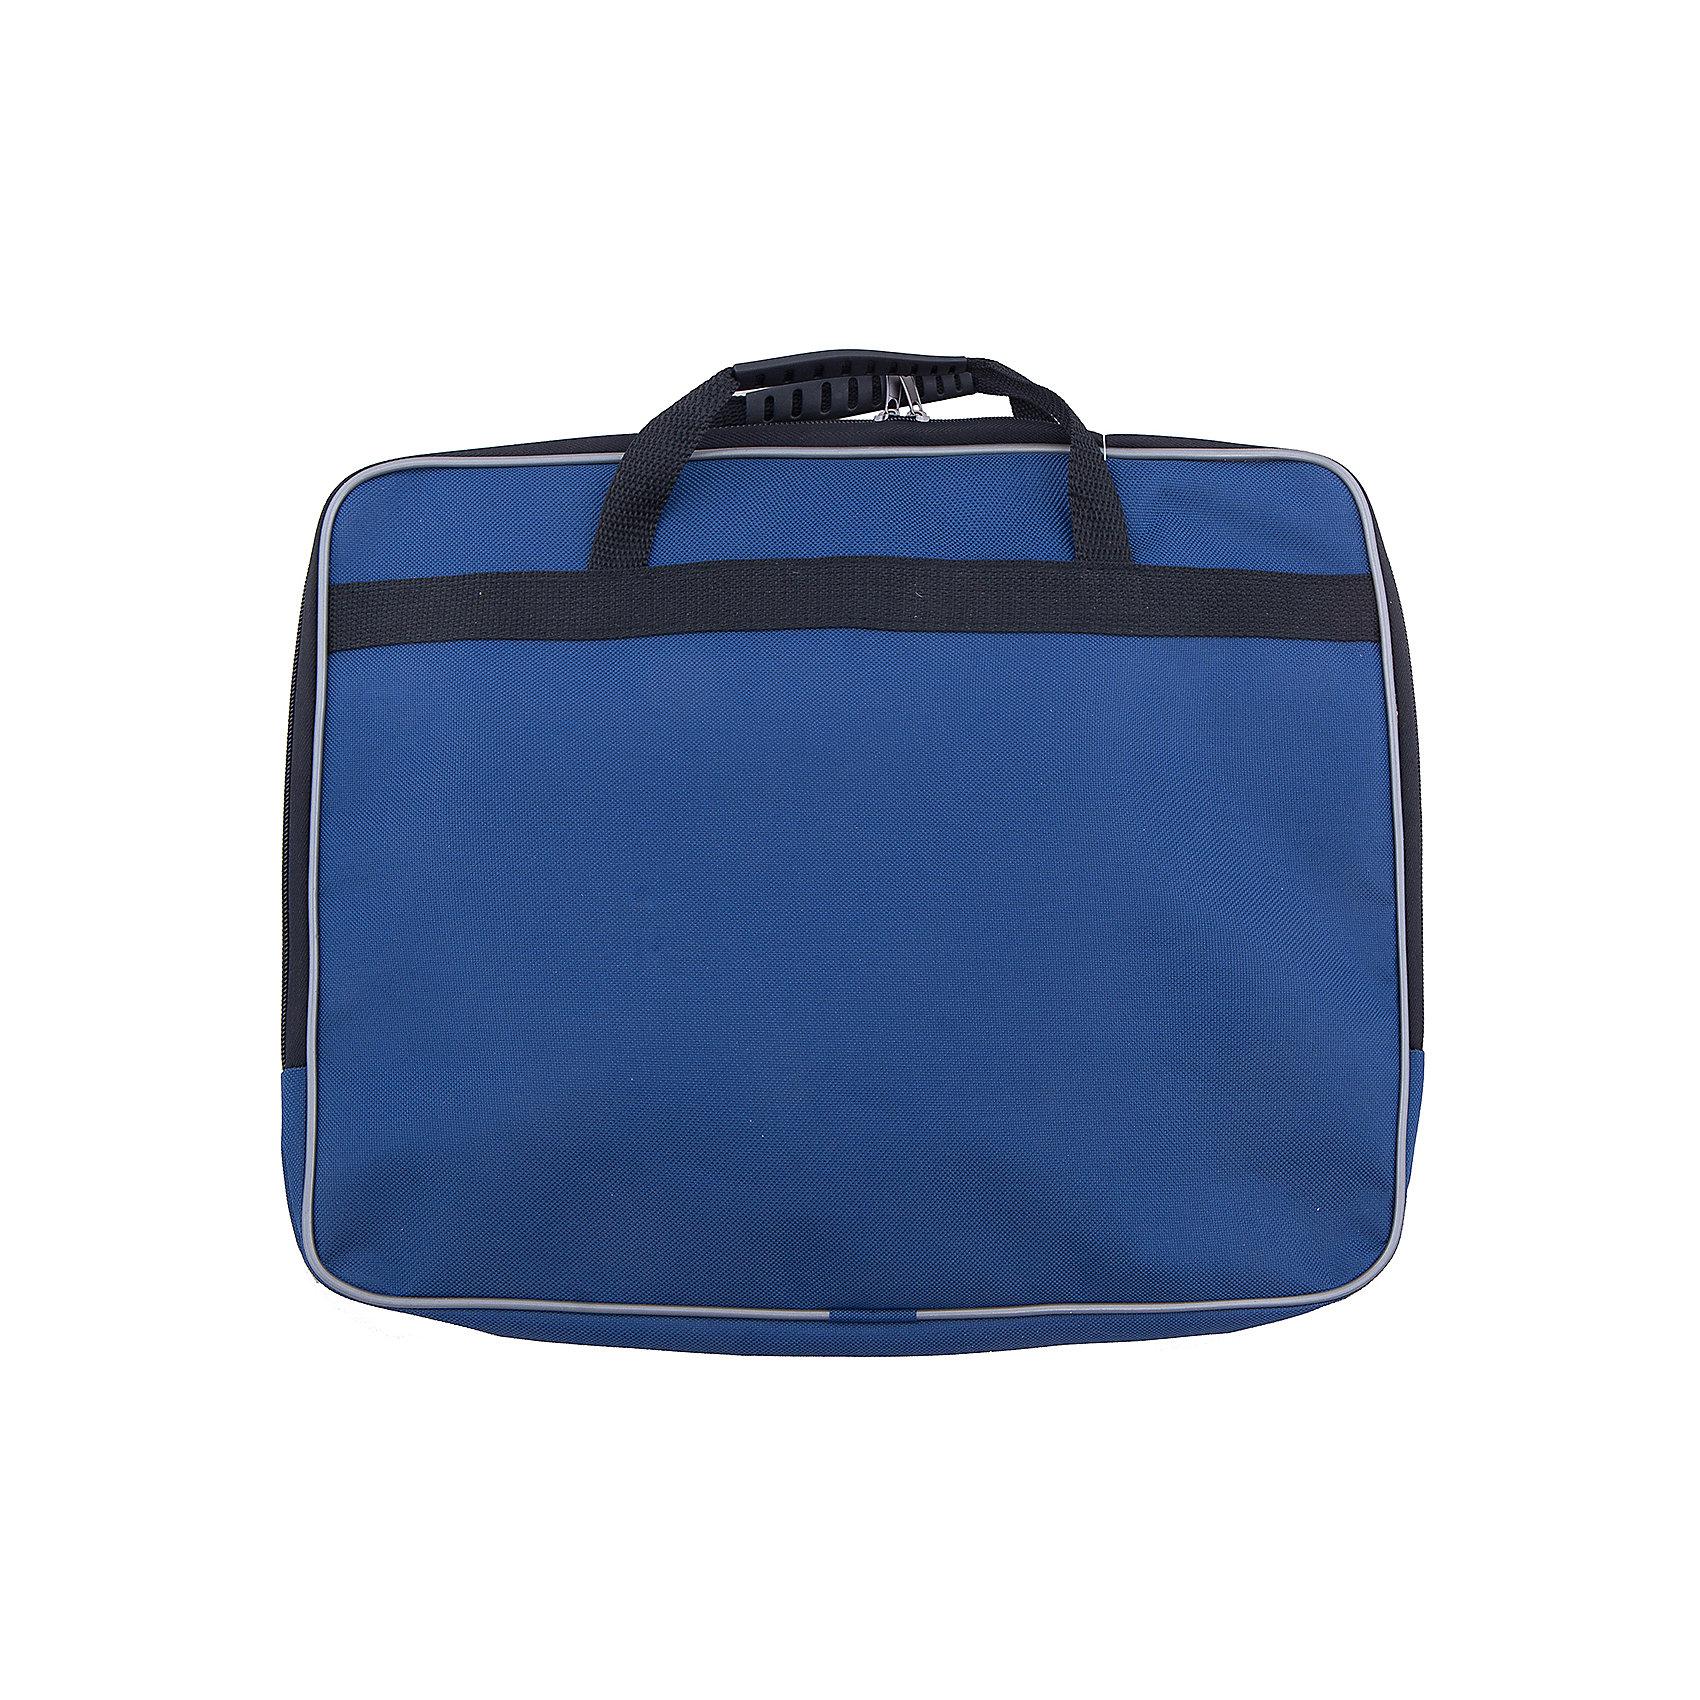 Папка А4, цвет синийПапки для дополнительных занятий<br>Характеристики товара:<br><br>• вид папки: папка-портфель<br>• формат: А4 (210 x 297 мм)<br>• цвет: синий<br>• материал: пластик, текстиль, картон<br>• размеры: 360 х 280 х 40 мм<br>• упаковка: пакет<br>• размер упаковки: 36 х 28 х 4<br>• вес в упаковке: 680 г<br>• страна: Китай<br><br>Практичная папка для документов черного цвета вмещает документы формата А4 без сложения. <br><br>Изделие имеет одно основное отделение, закрывающееся на молнию двумя бегунками. <br><br>Внутри содержится два накладных кармана на резинке для мелочей. <br><br>Сумка оснащена двумя удобными ручками для переноски. <br><br>Такая сумка идеально подойдет для деловых поездок и встреч, в нее можно положить все необходимые документы.<br><br>Папка А4, синего  цвета можно купить в нашем интернет-магазине.<br><br>Ширина мм: 310<br>Глубина мм: 300<br>Высота мм: 395<br>Вес г: 237<br>Возраст от месяцев: 48<br>Возраст до месяцев: 2147483647<br>Пол: Унисекс<br>Возраст: Детский<br>SKU: 5475482